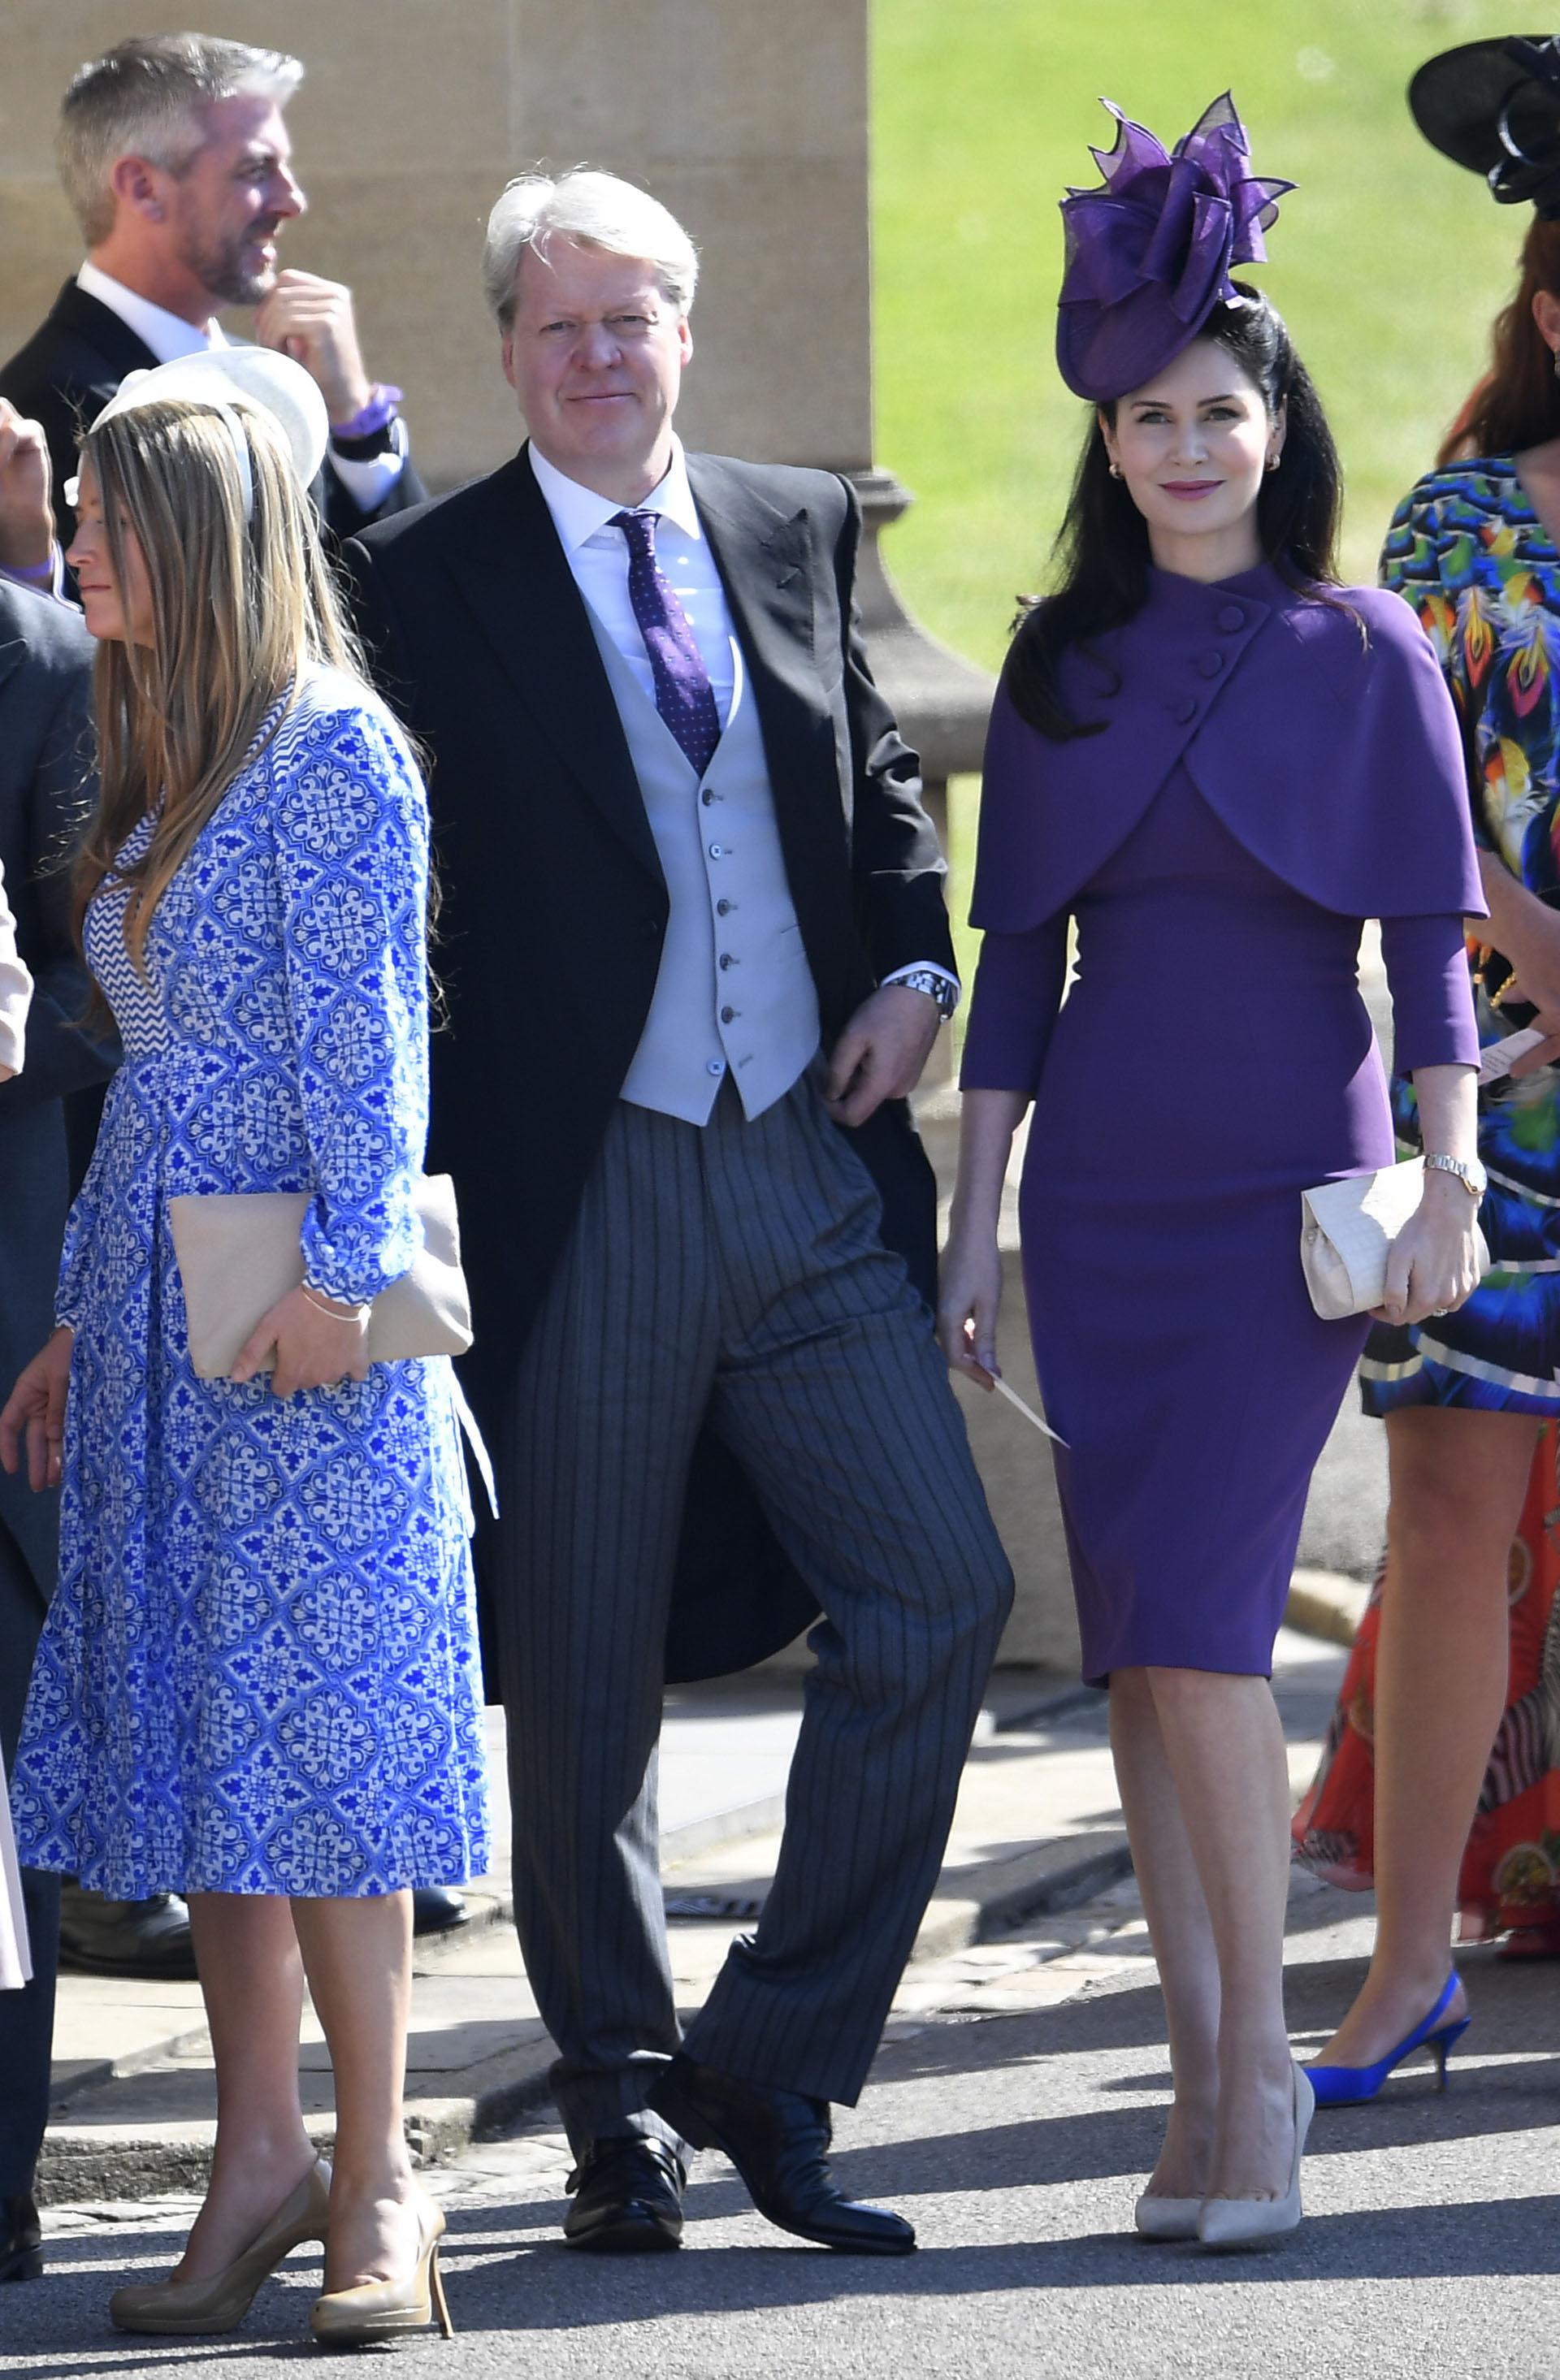 El conde Spencer, hermano de la difunta Diana de Gales, llega a Windsor acompañado de su tercera esposa, Karen Spencer (AP)